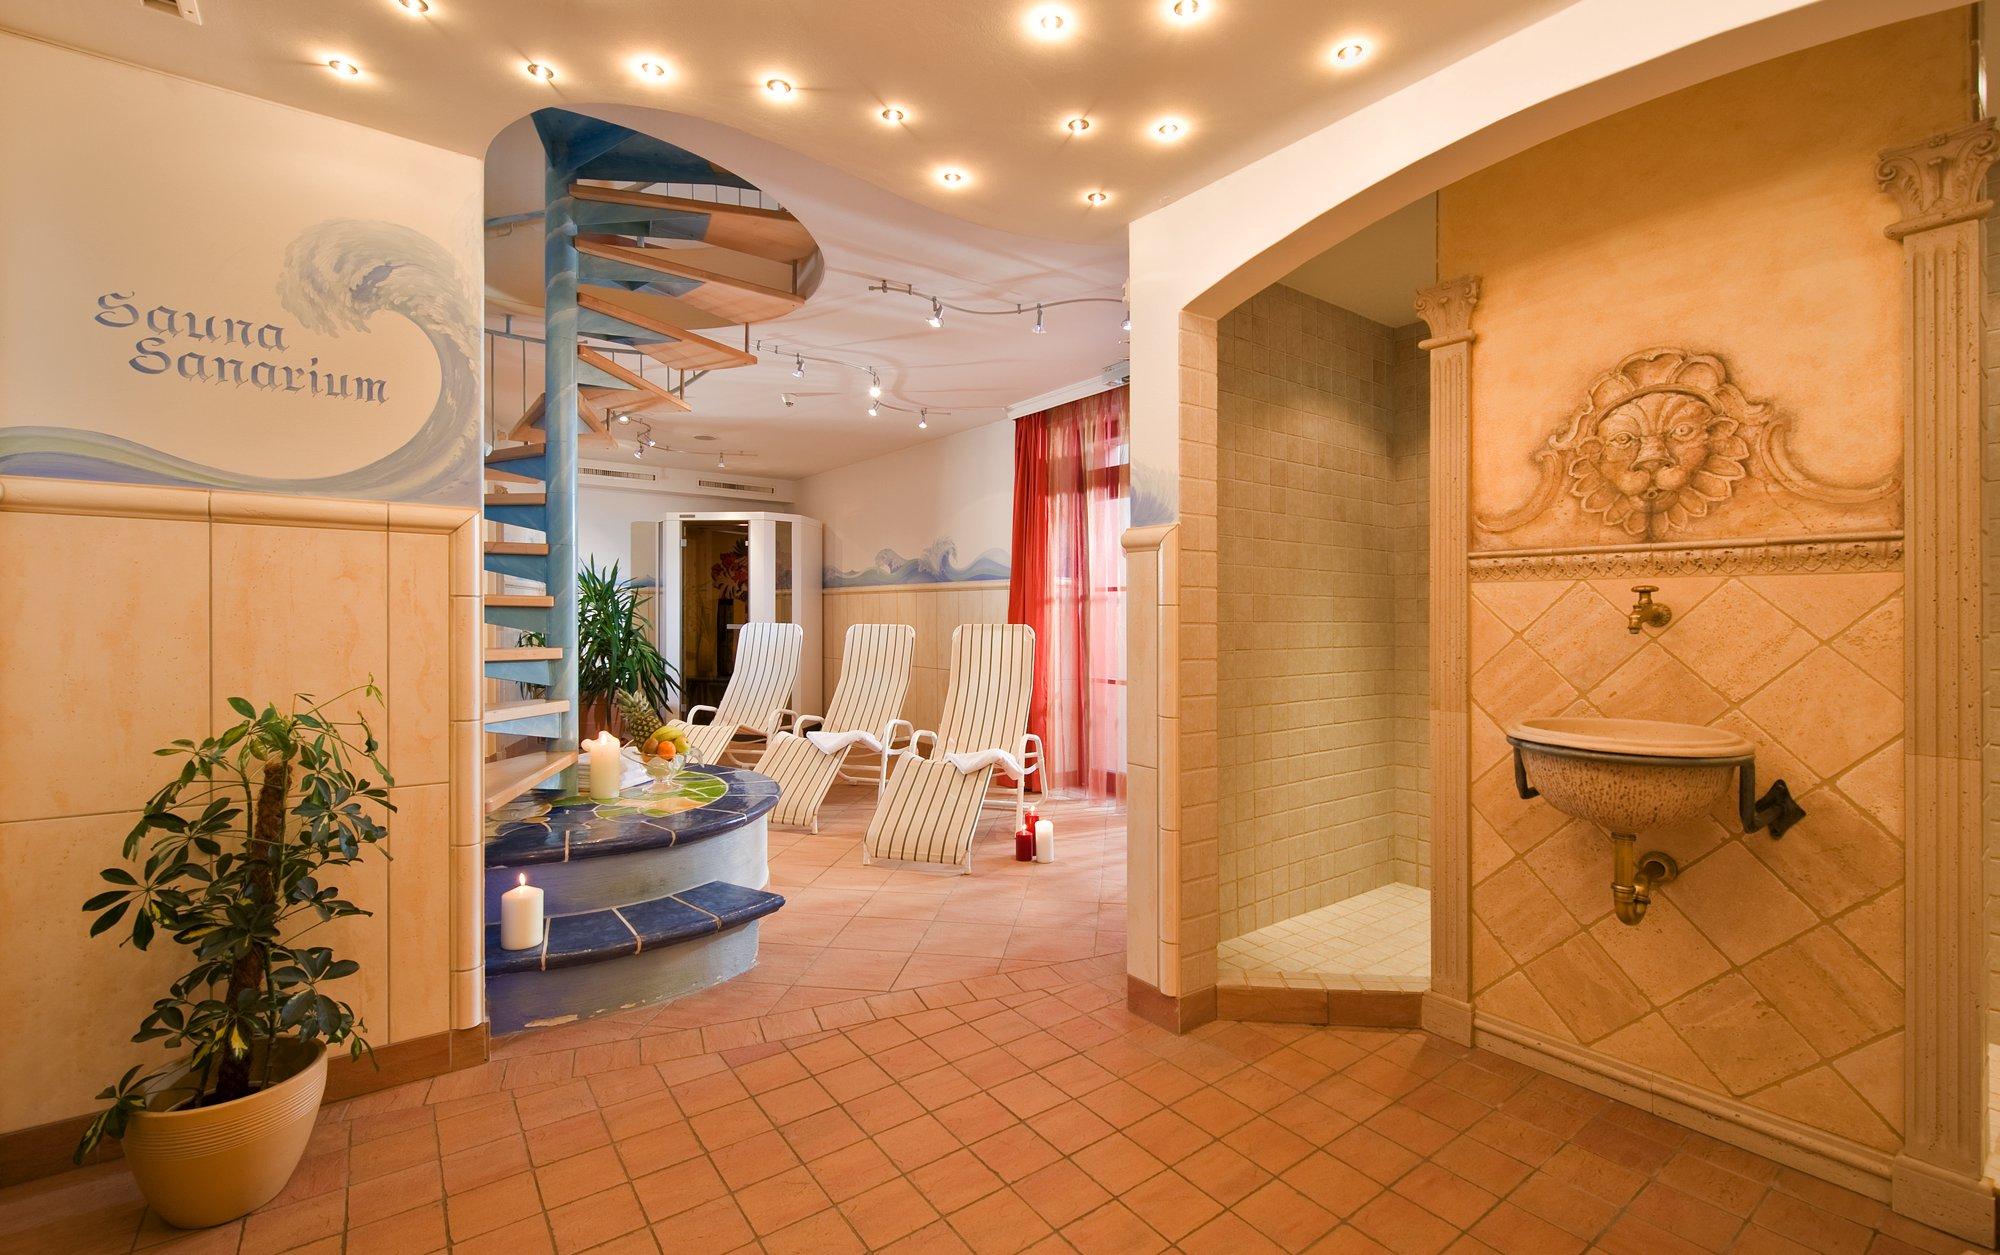 Hotel brixen im thale hotel reitlwirt for Design hotel brixen